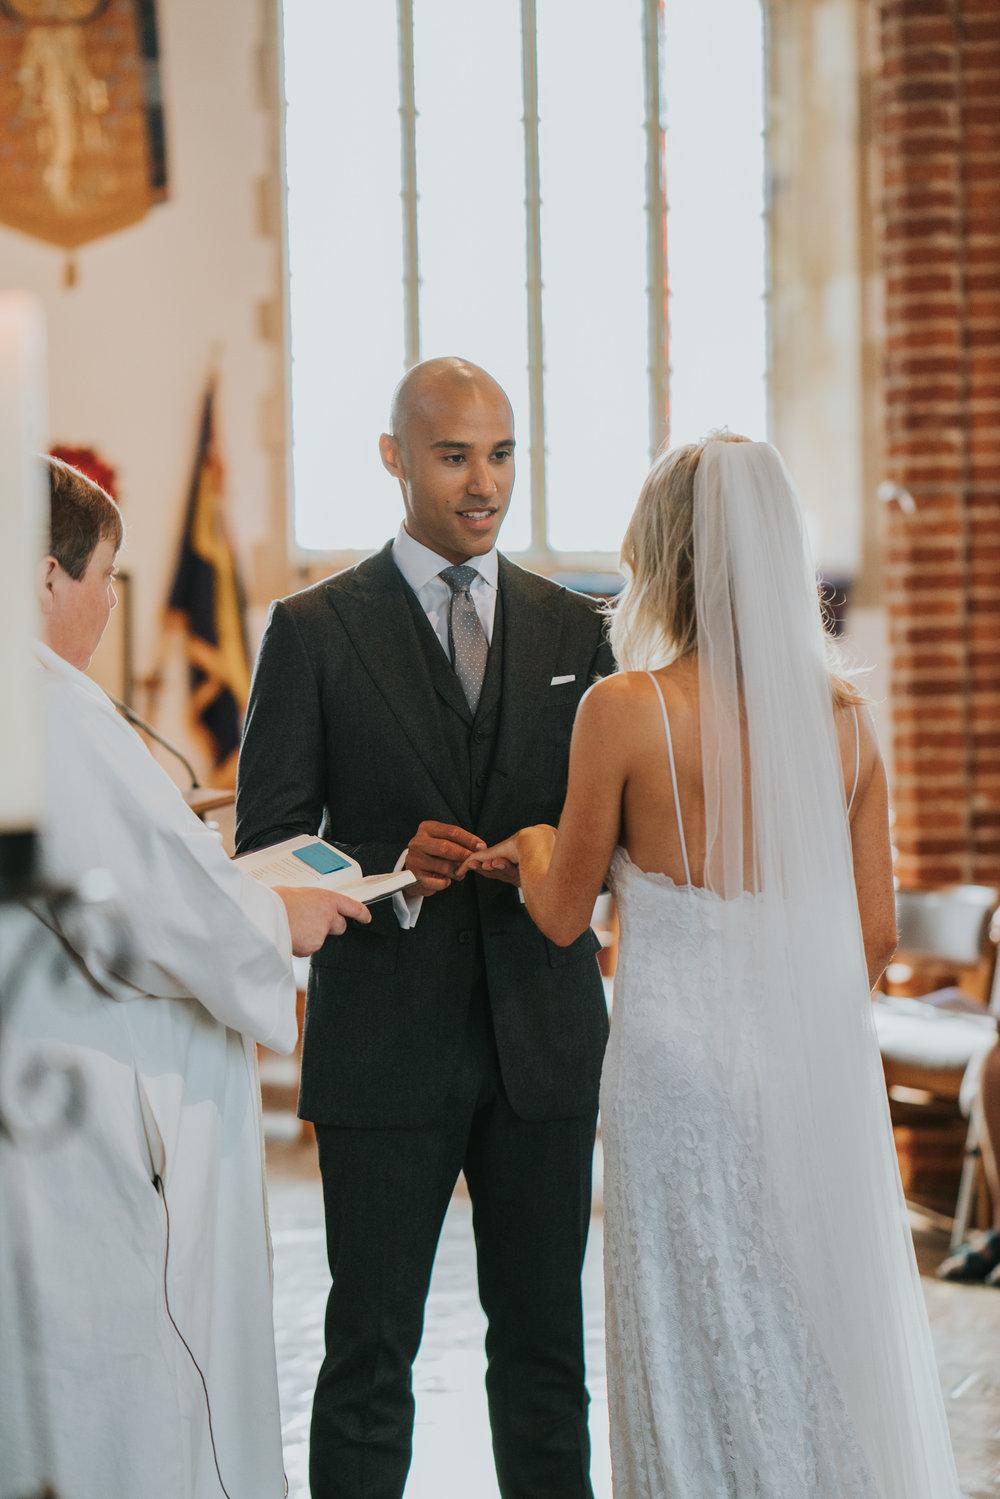 intimate-english-church-wedding-sarah-alex-colchester-essex-grace-elizabeth-colchester-essex-alternative-wedding-lifestyle-photographer-essex-suffolk-norfolk-devon (48 of 92).jpg